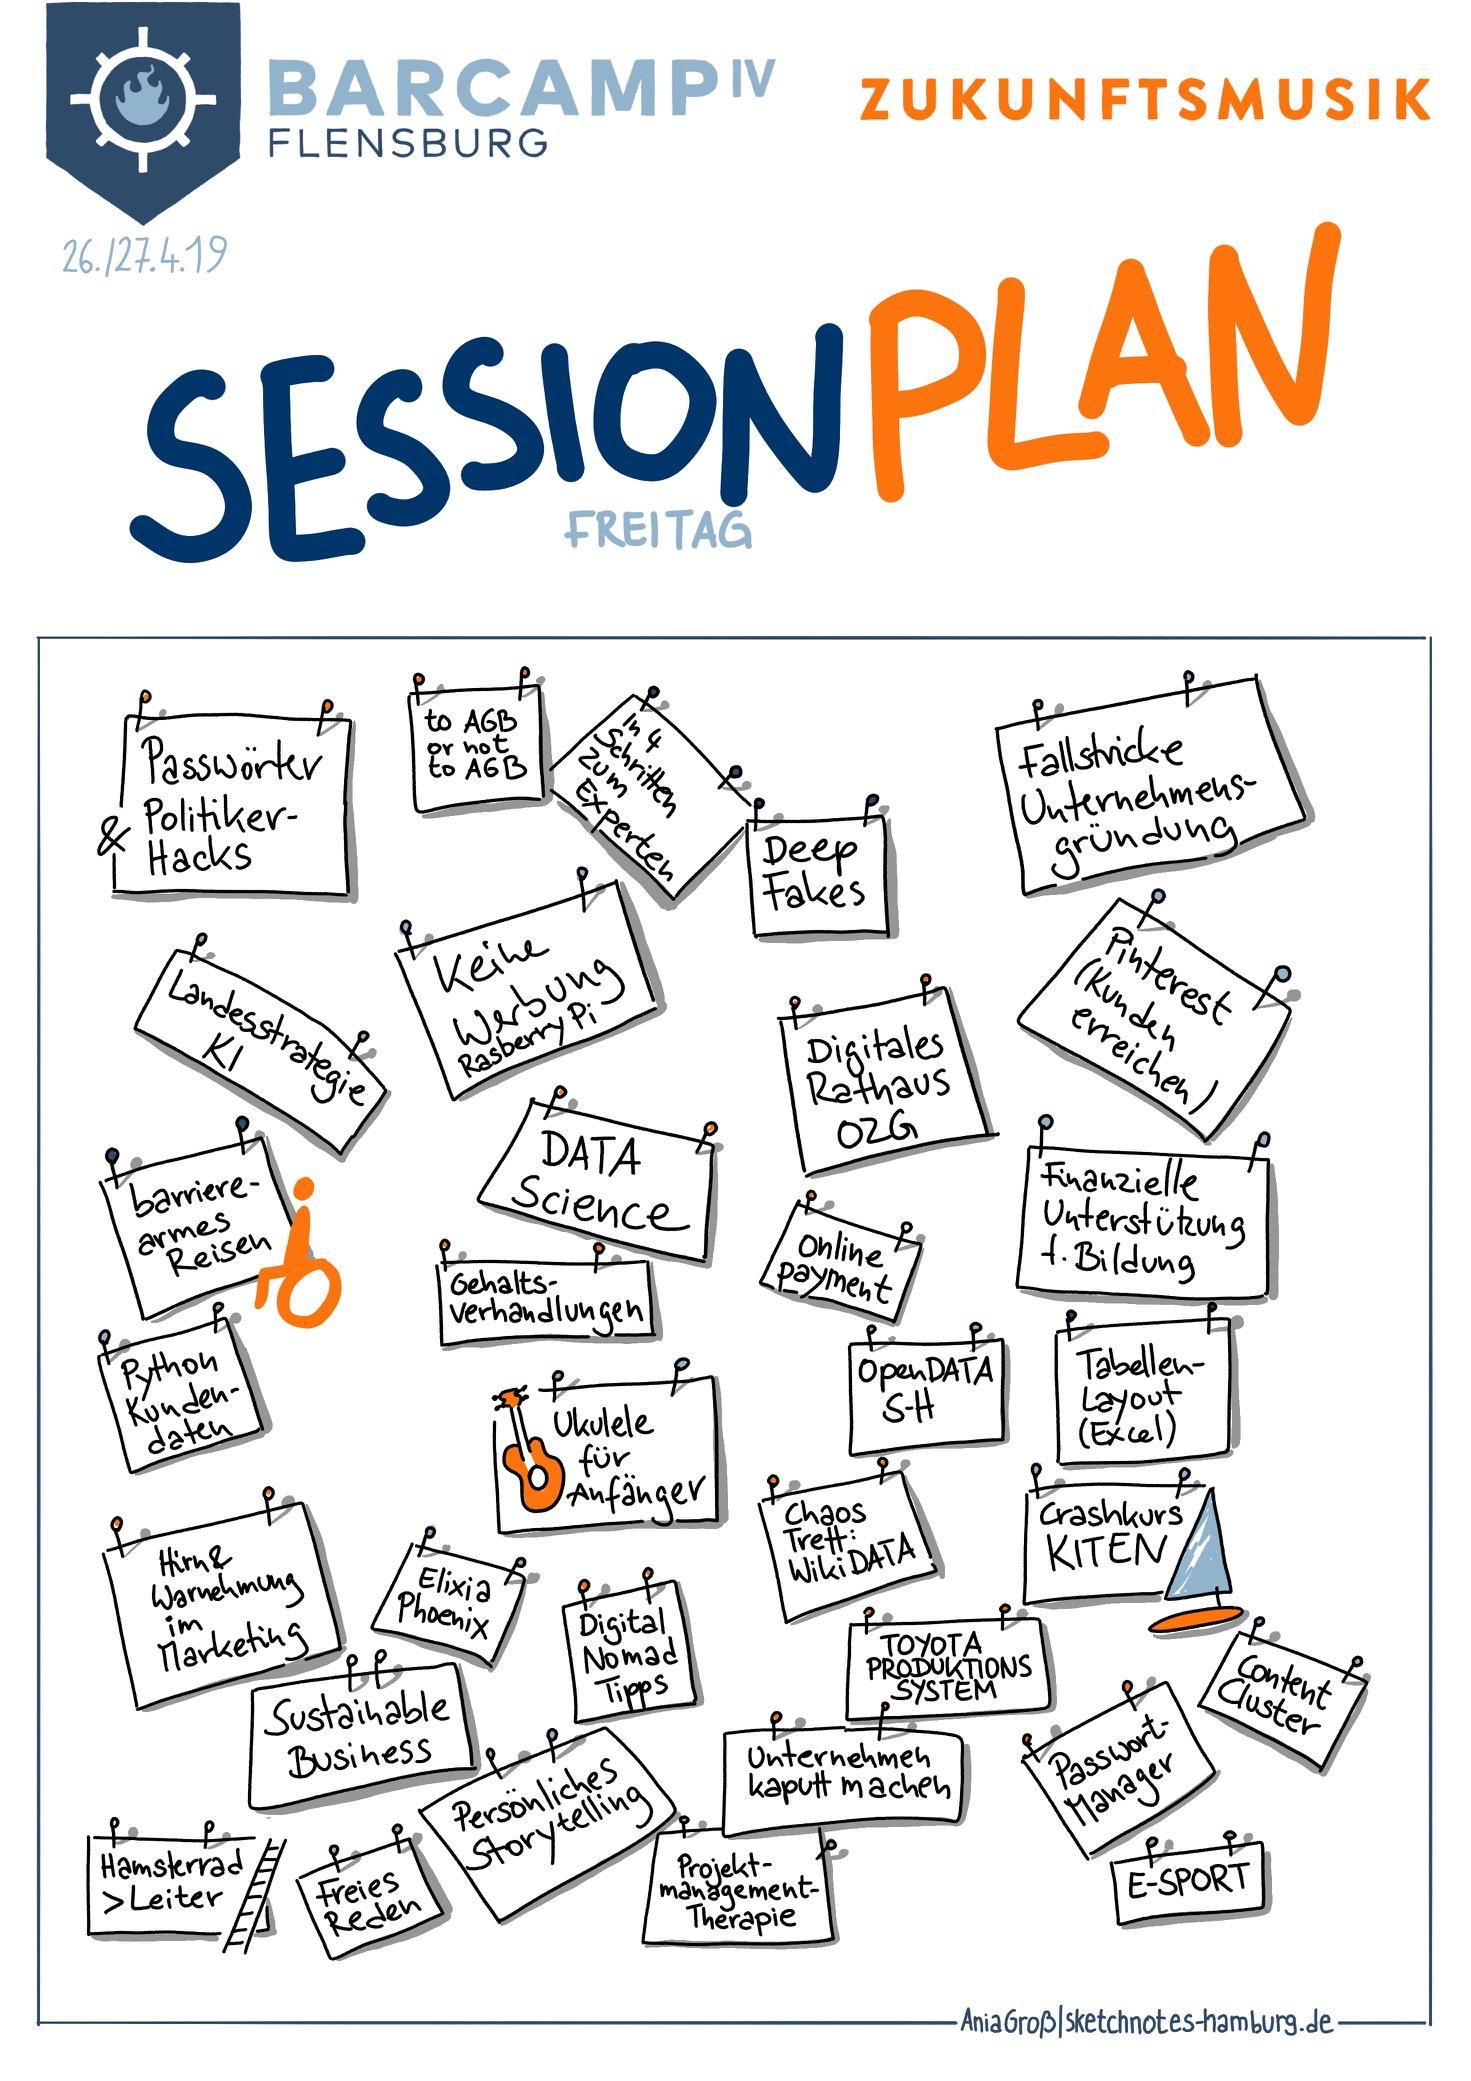 Sessionplan von Freitag. Landesstrategie KI, AGB, Digital Nomad Tips, Crashkurs Kiten, Freies Sprechen, … sind nur einige Beispiele von ca. 30 Sessions.Sketchnotes: © Ania Groß